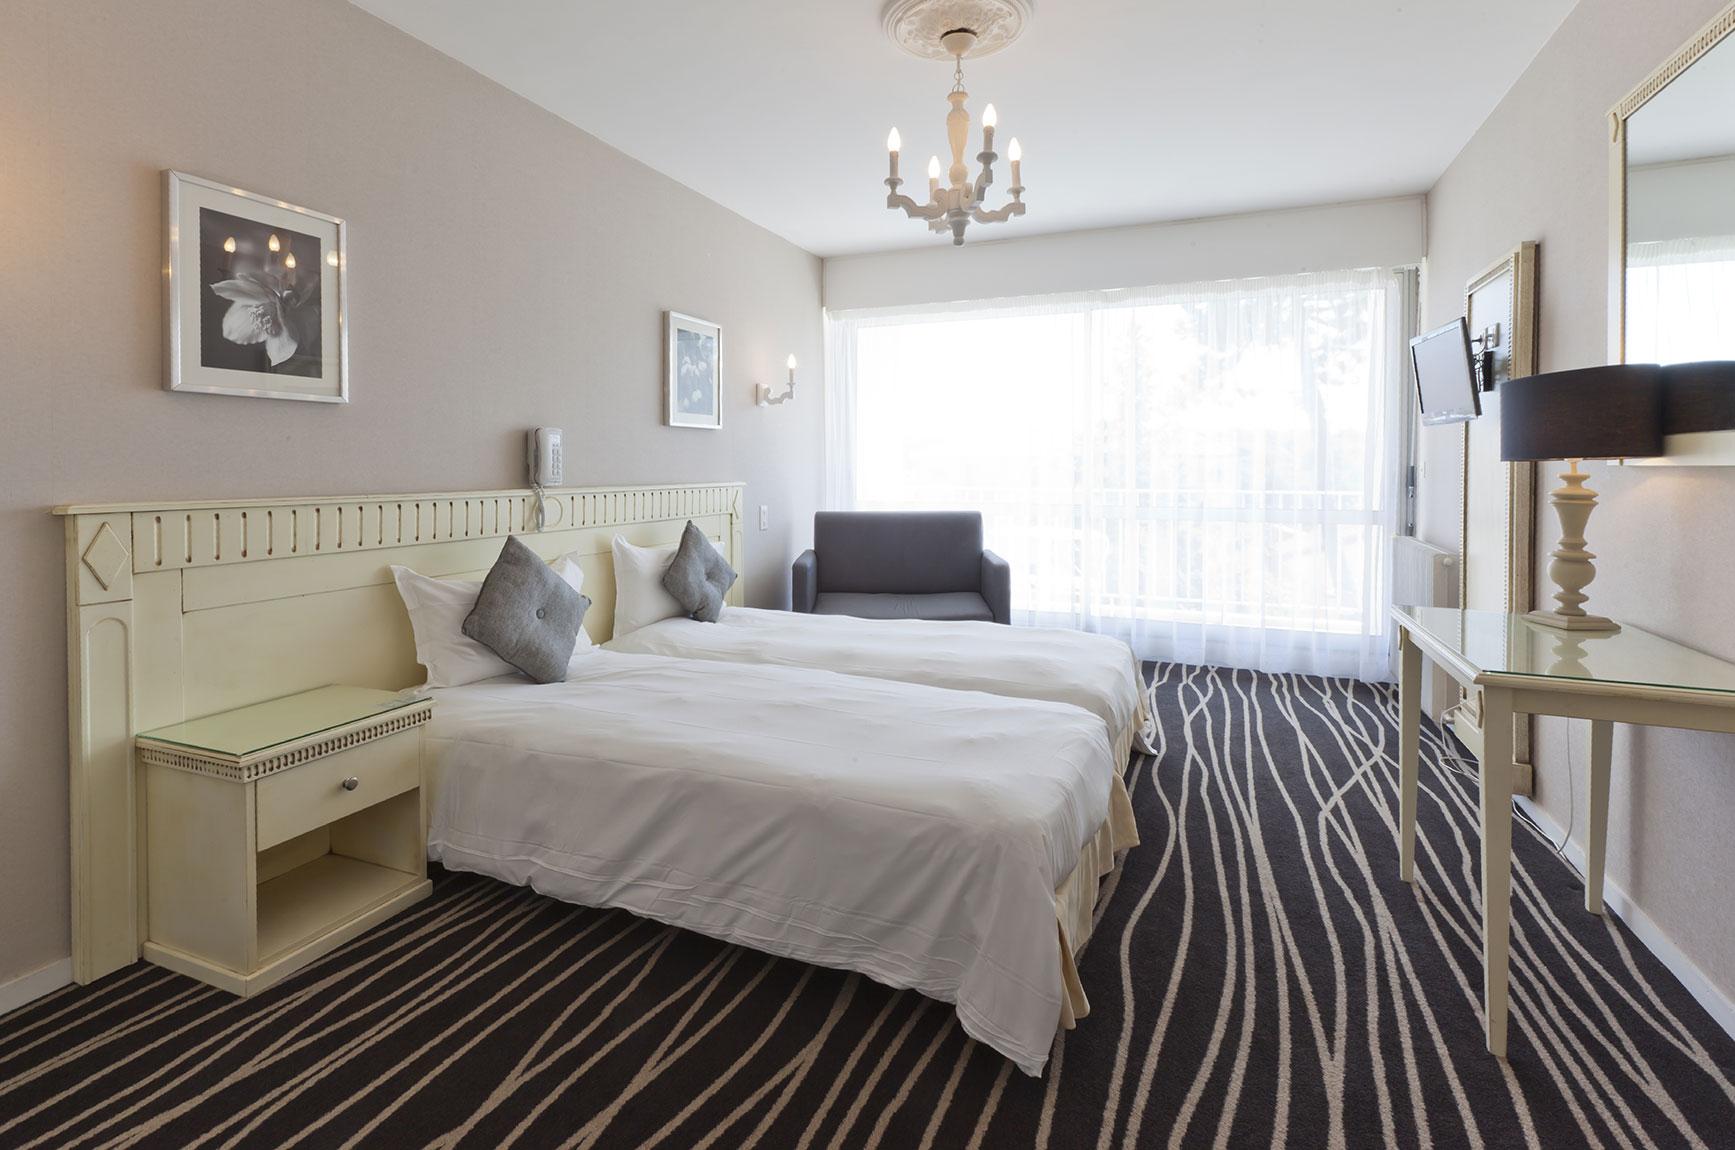 Camera da letto con 2 letti singoli h tel du parc - Camera da letto con divano ...